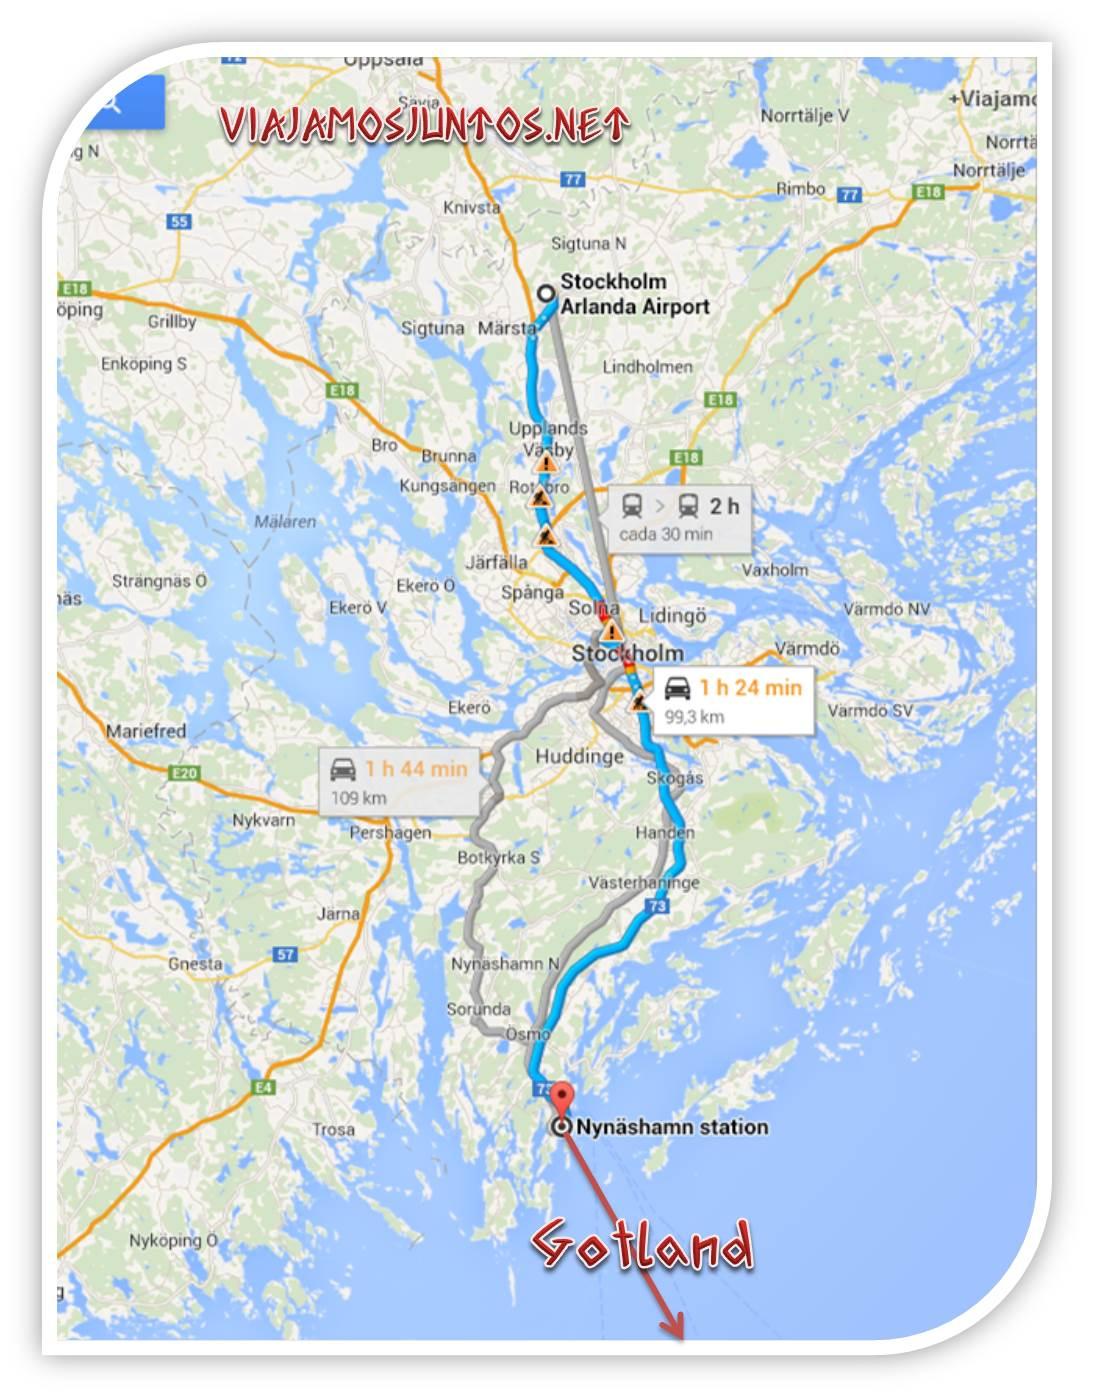 Suecia, Gotland, Arlanda, Visby, transporte, ahorrar, tips, consejos